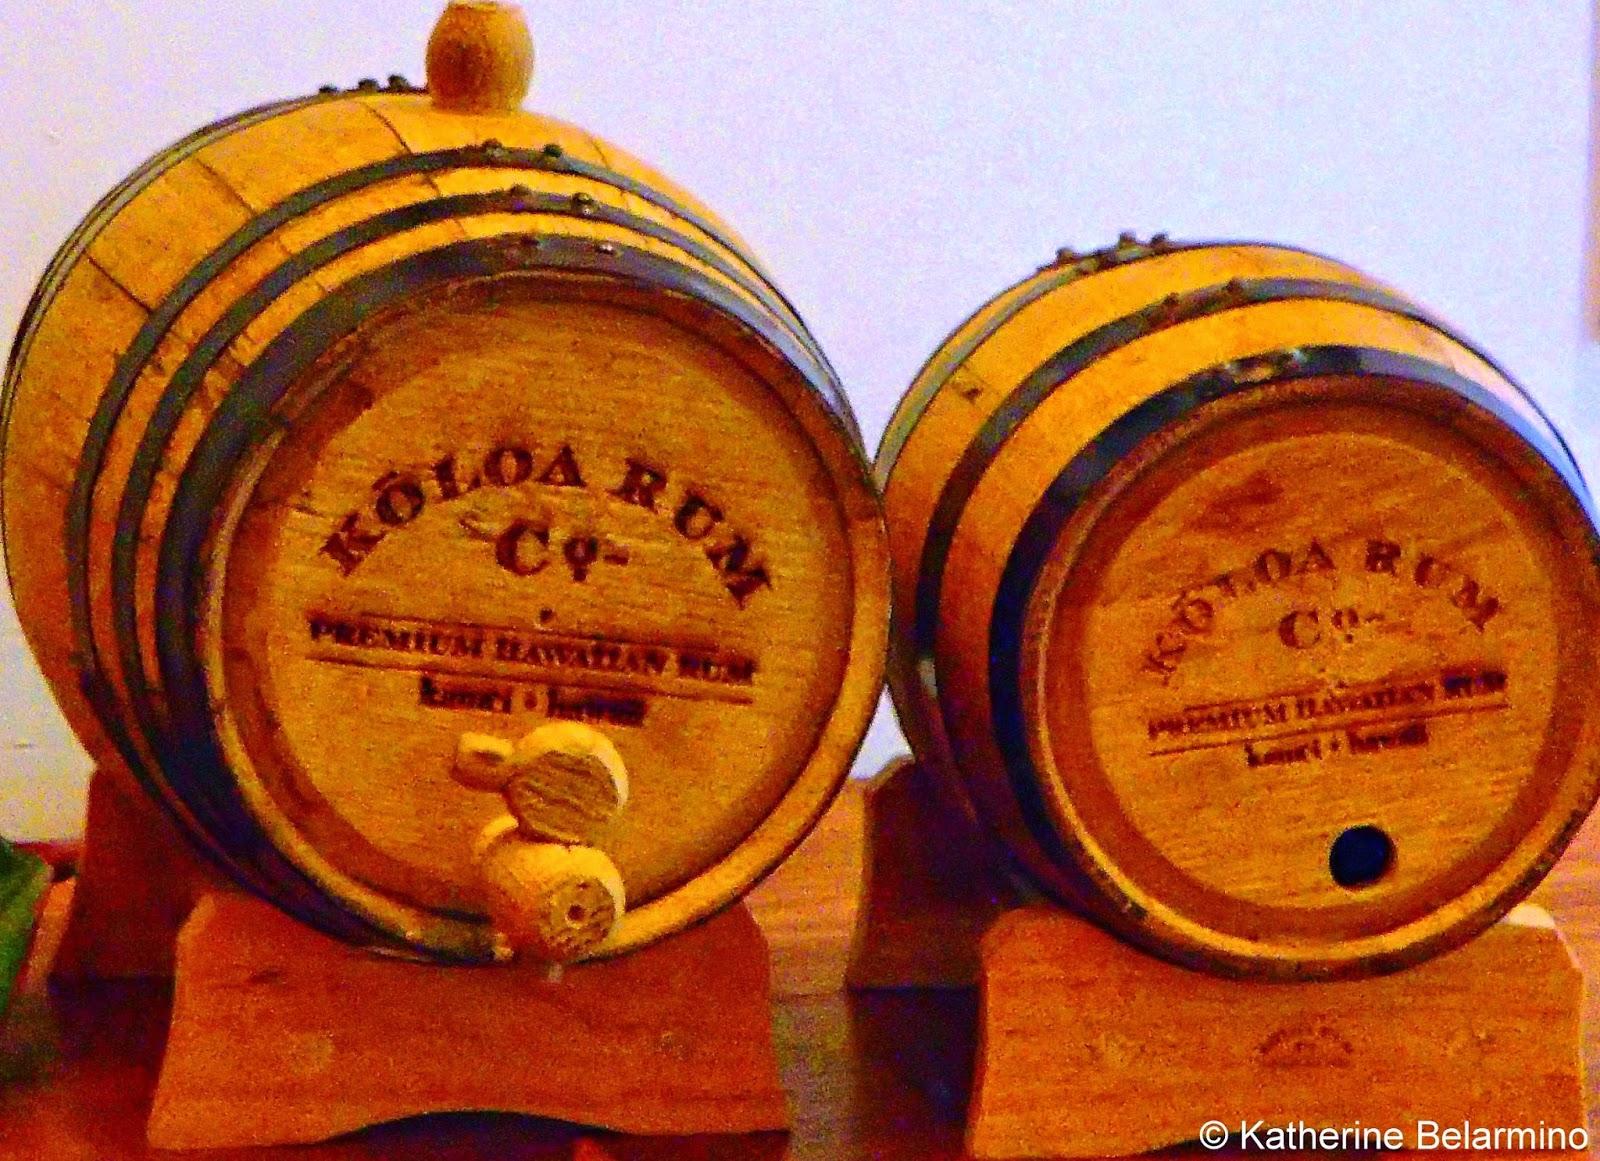 Koloa Rum Company Casks Kauai Hawaii